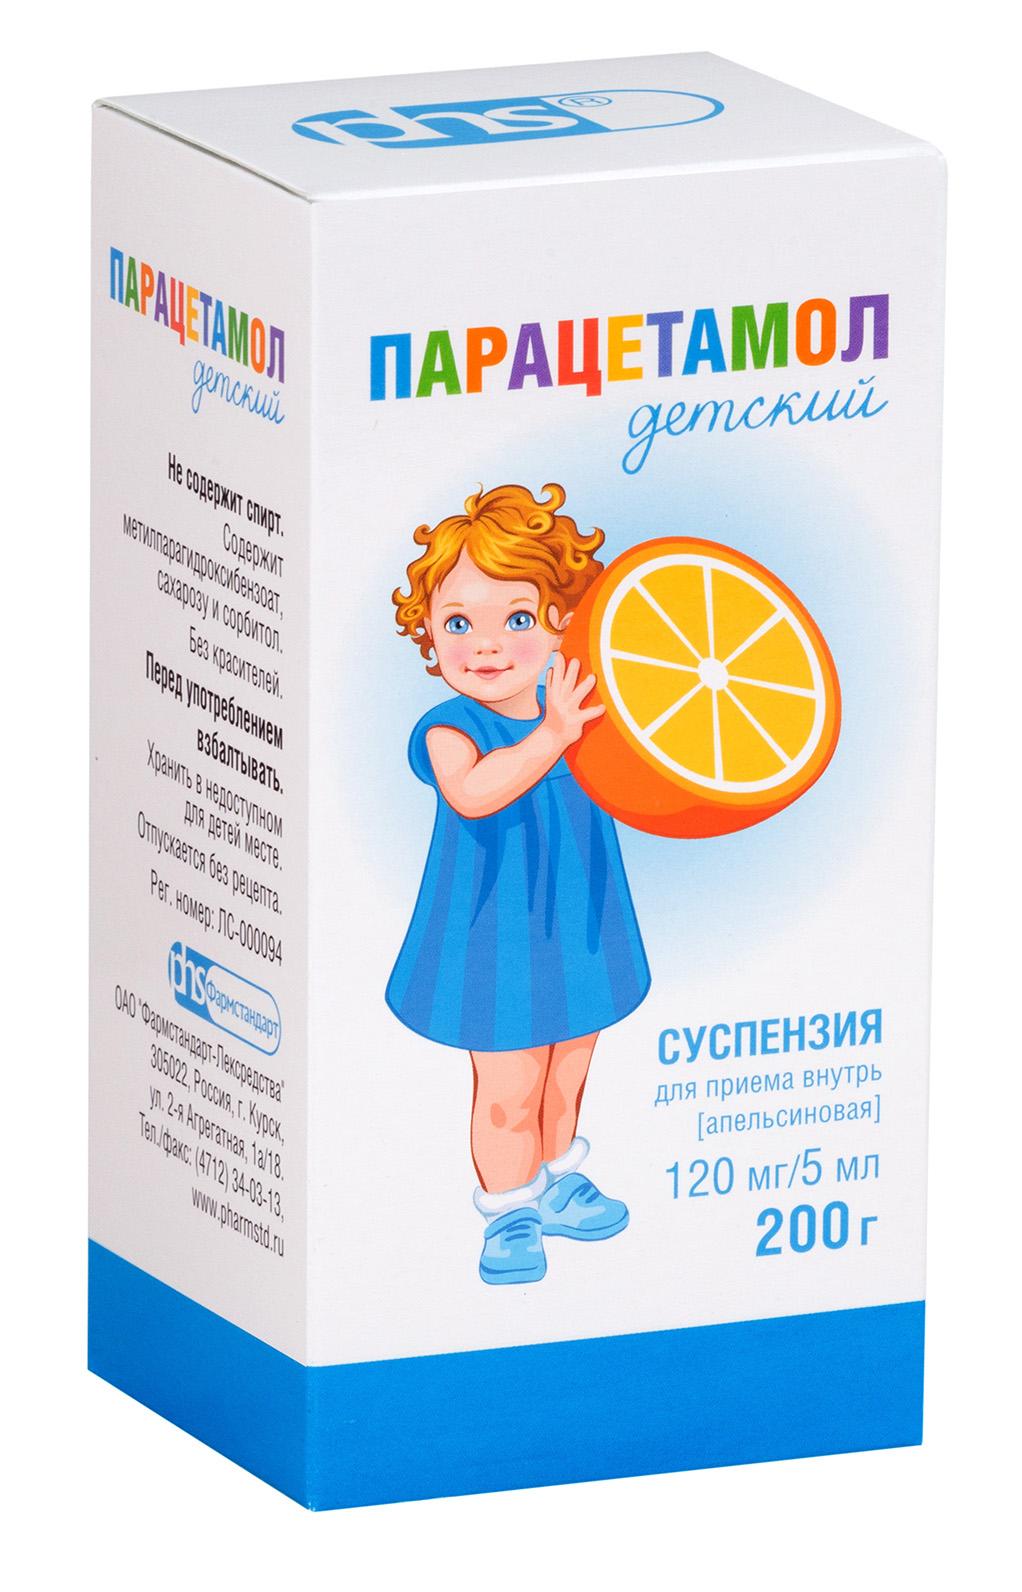 Парацетамол сусп. д/приема внутр. (апельсиновая) 120 мг/5 мл 200 г